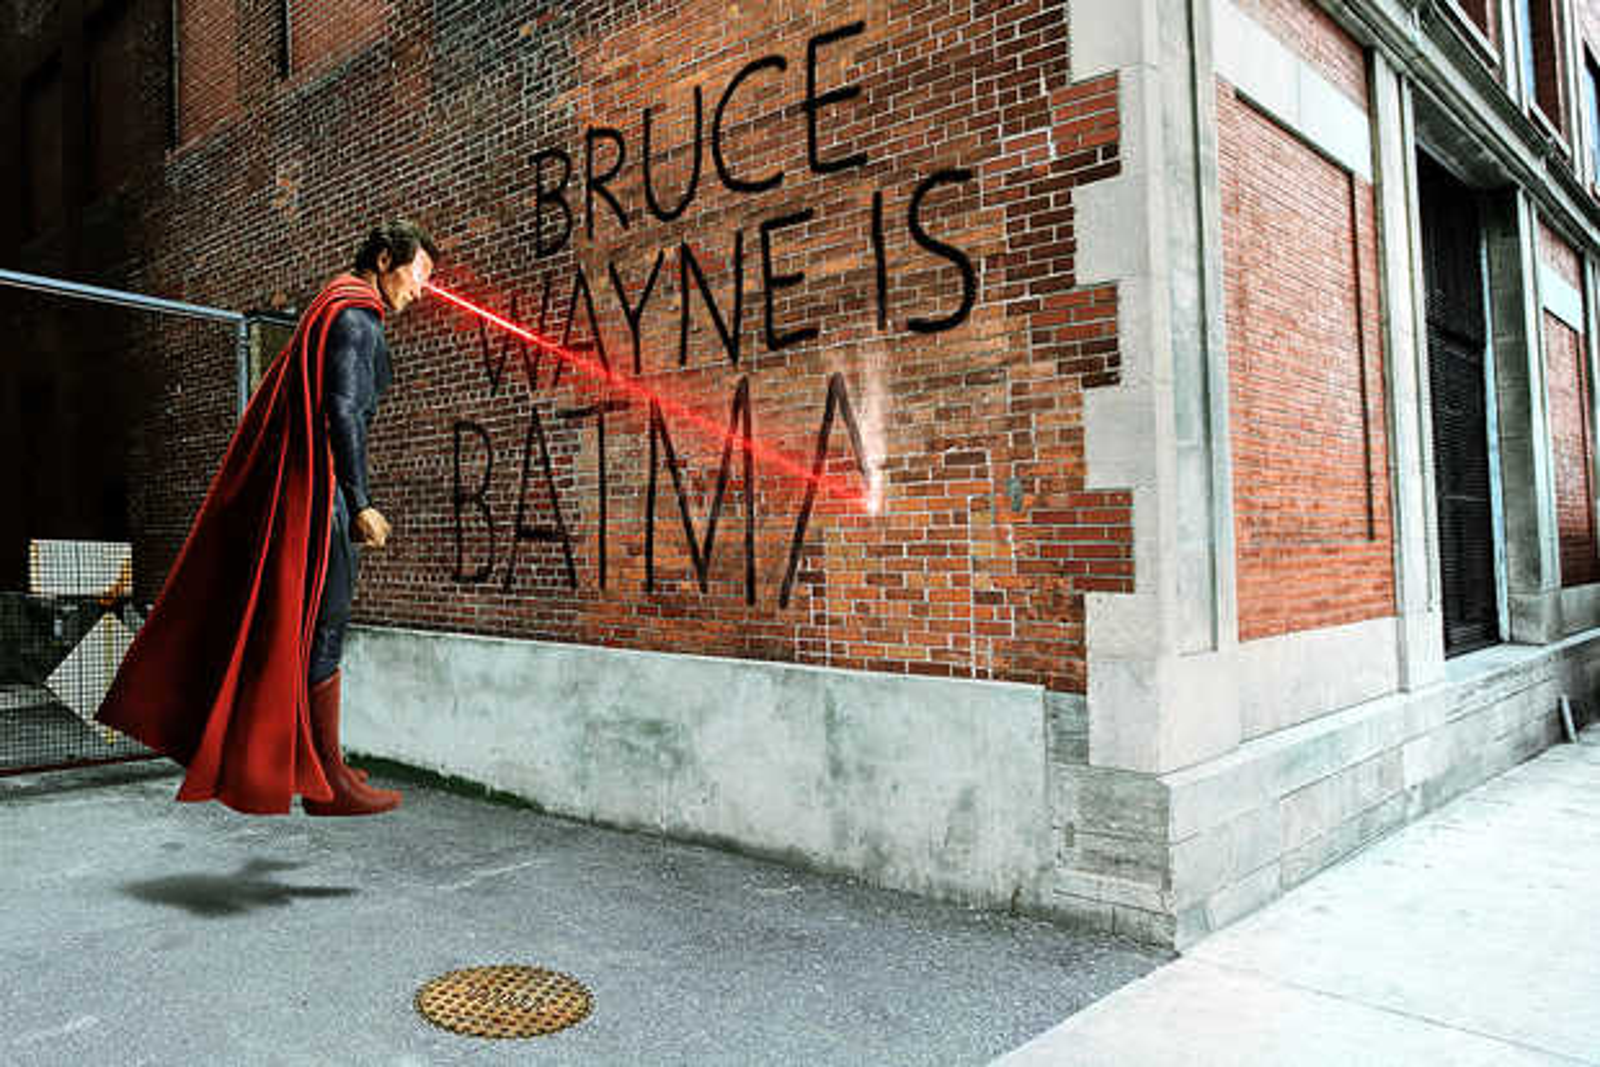 Bruce Wayne Graffiti - Daniel Picard